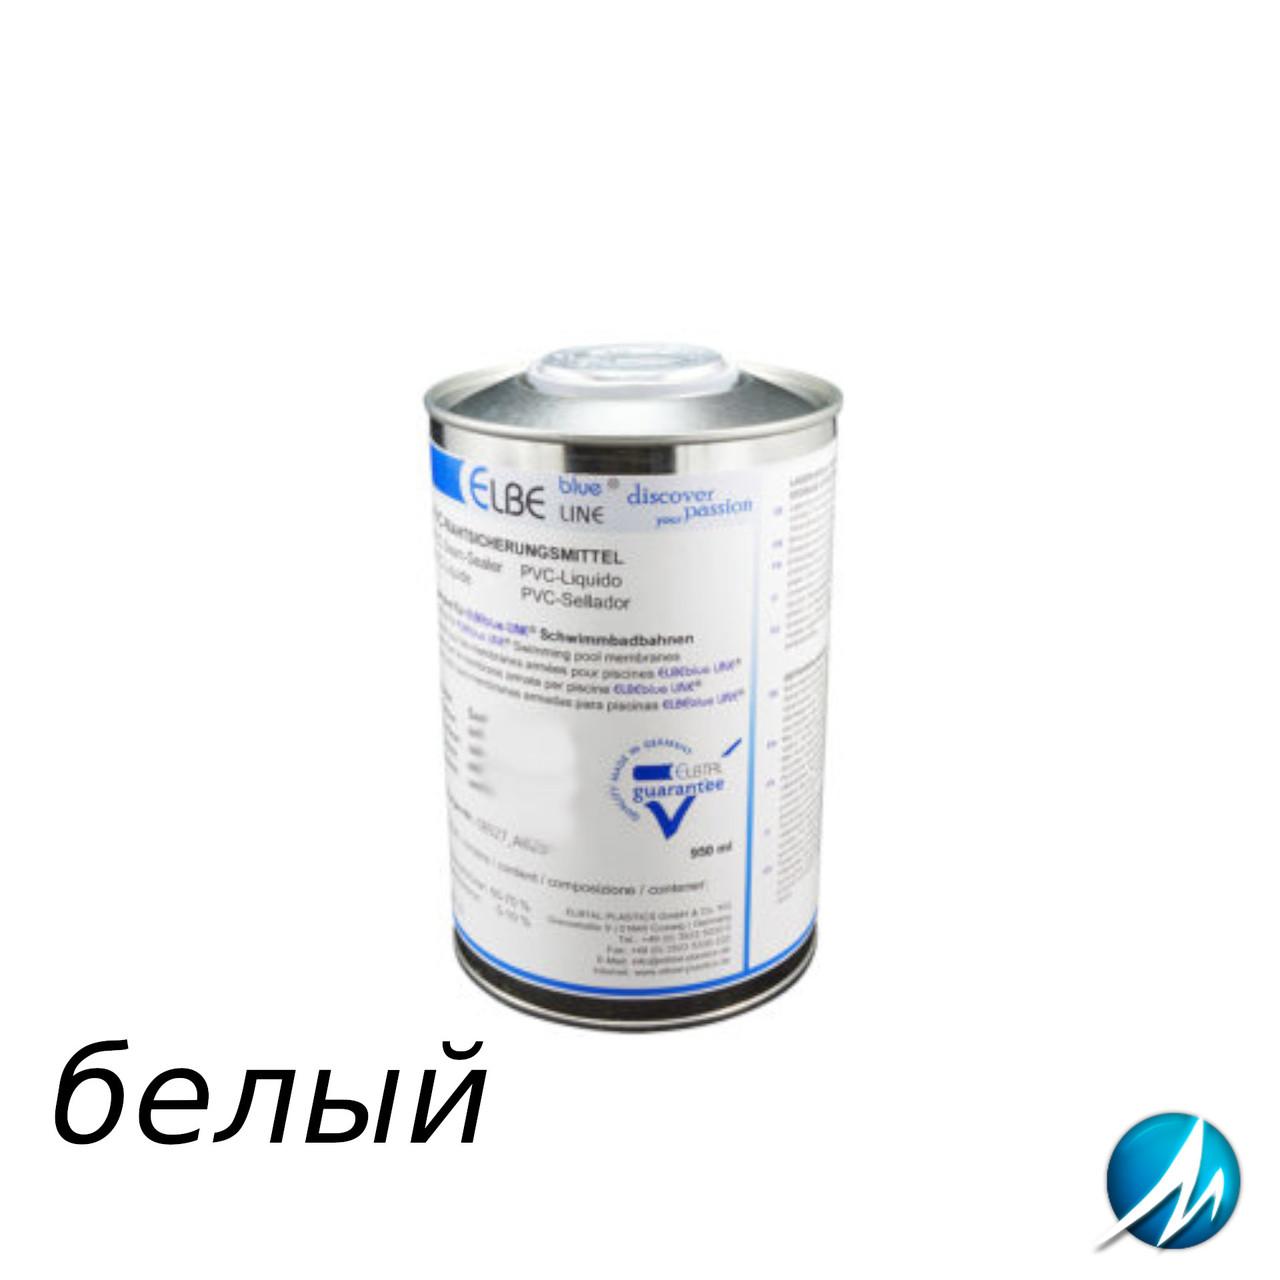 Жидкий ПВХ-герметик для швов Elbtal Plastics SUPRA white белый, цвет 104